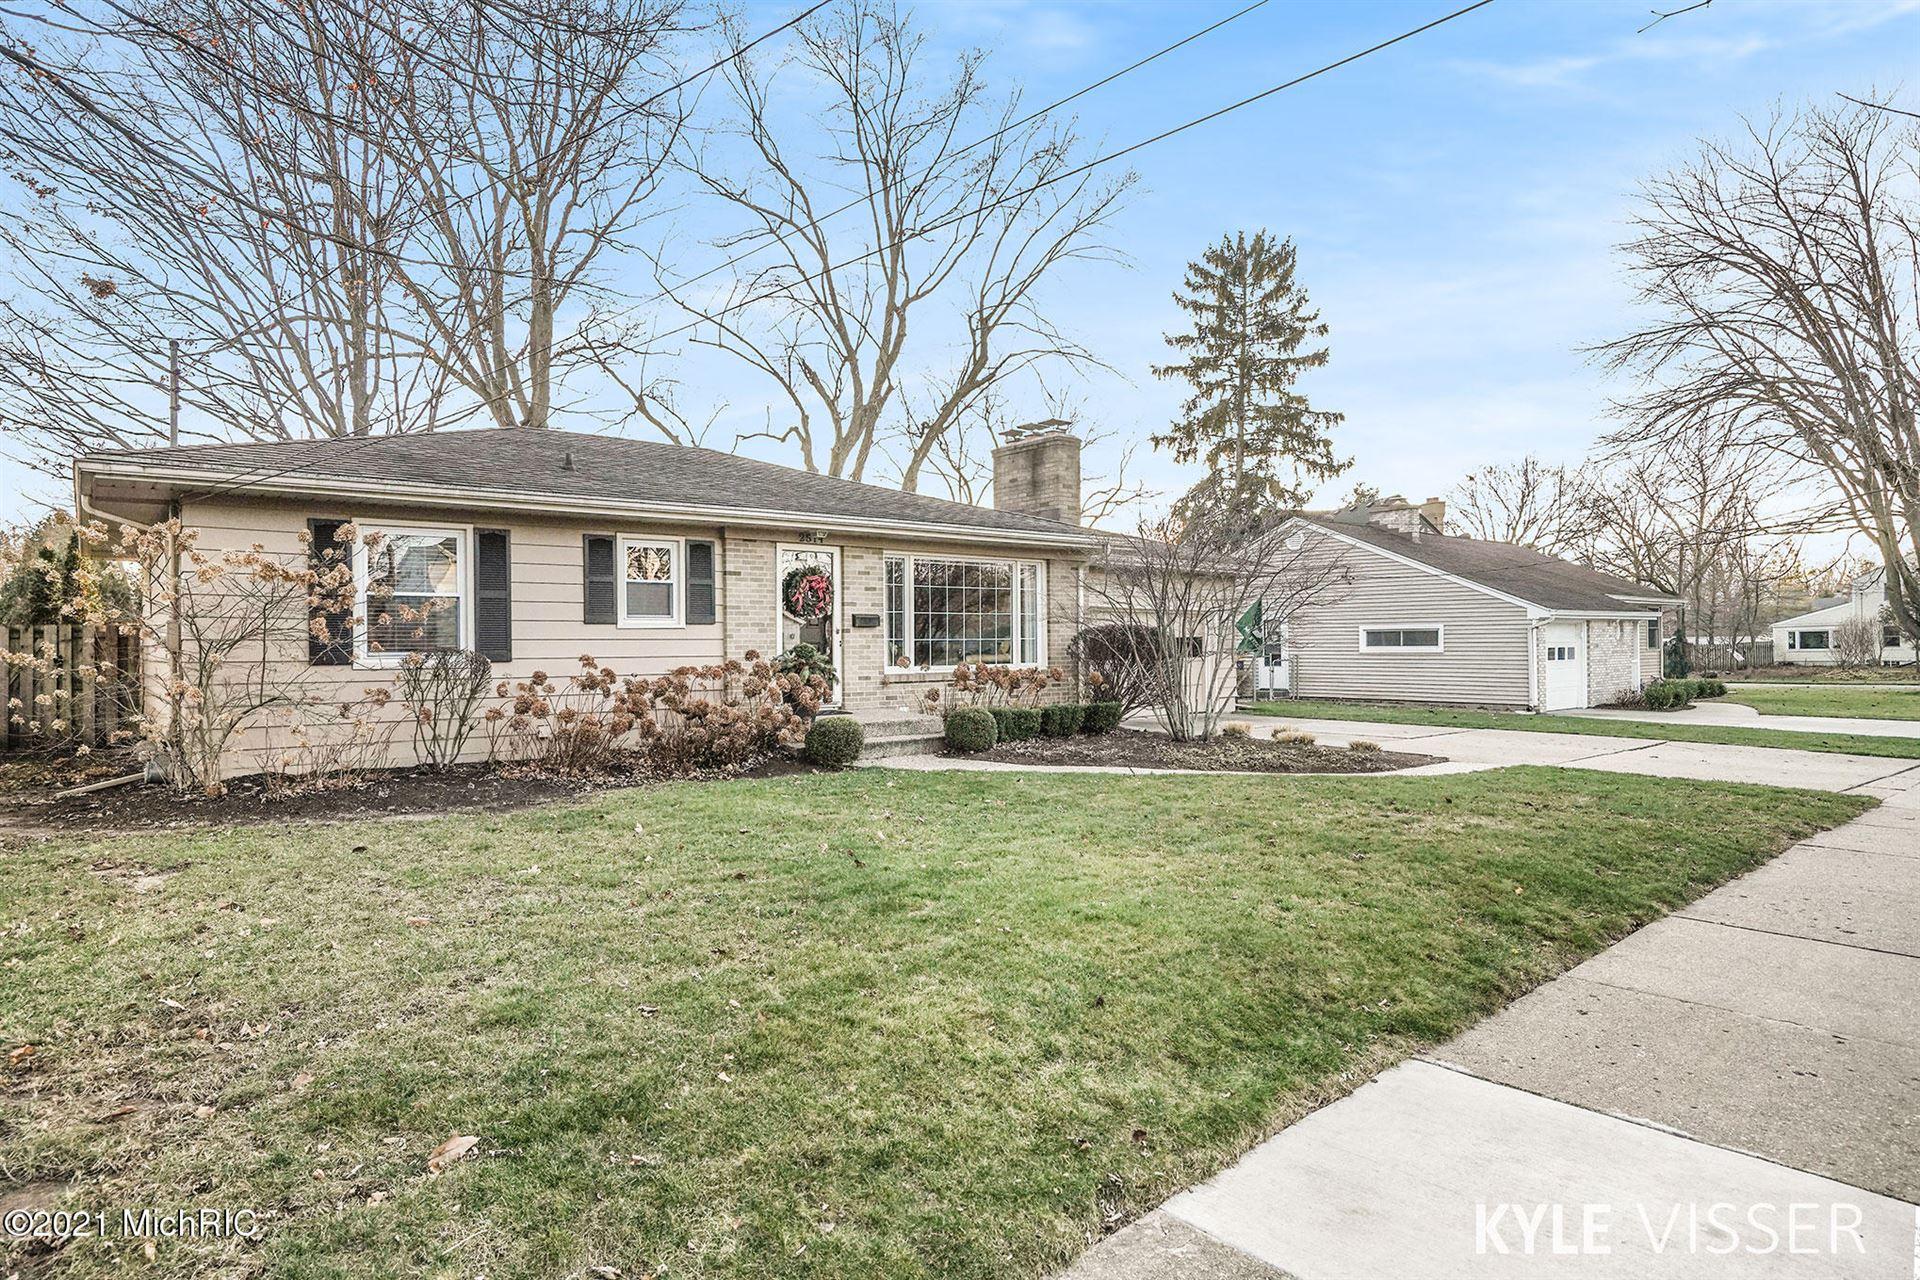 Photo of 2514 Berwyck Road SE, East Grand Rapids, MI 49506 (MLS # 21001281)